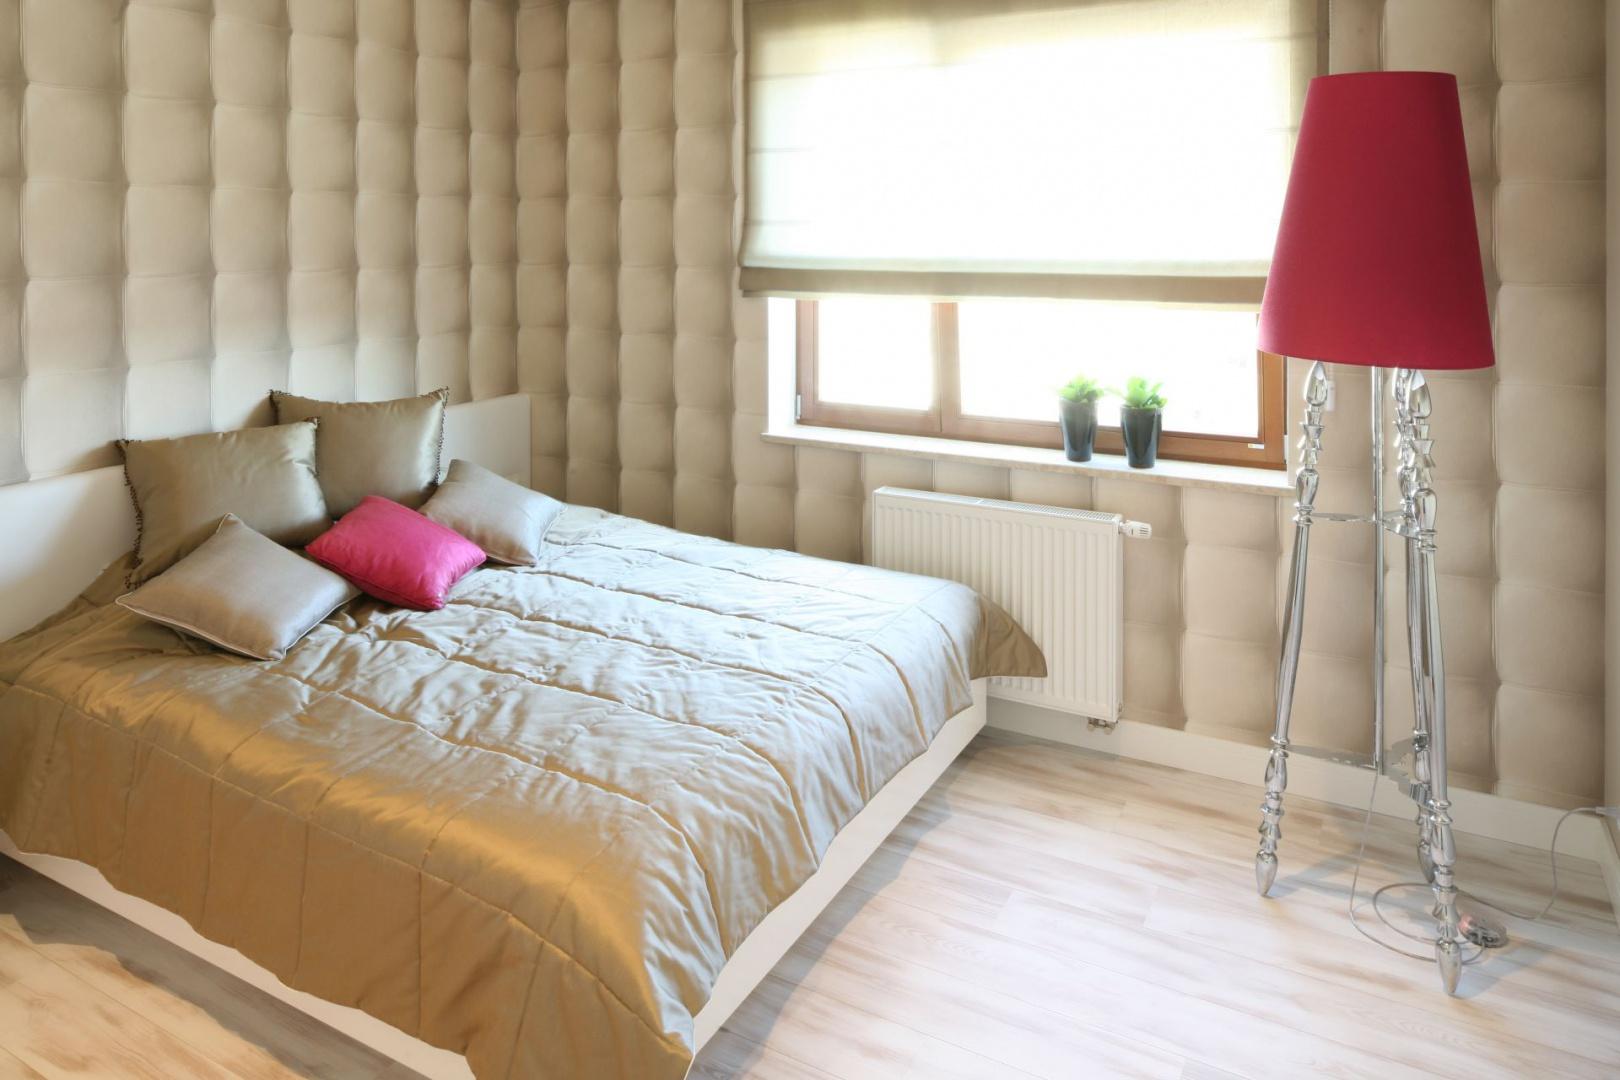 Tapeta imitująca charakterystyczne, pikowane przeszycia sprawia, że sypialnia wygląda przytulnie i niezwykle efektownie. W tak dekoracyjnej aranżacji znakomicie prezentuje się prosta dekoracja okna w formie rolety. Projekt: Karolina Łuczyńska. Fot. Bartosz Jarosz.